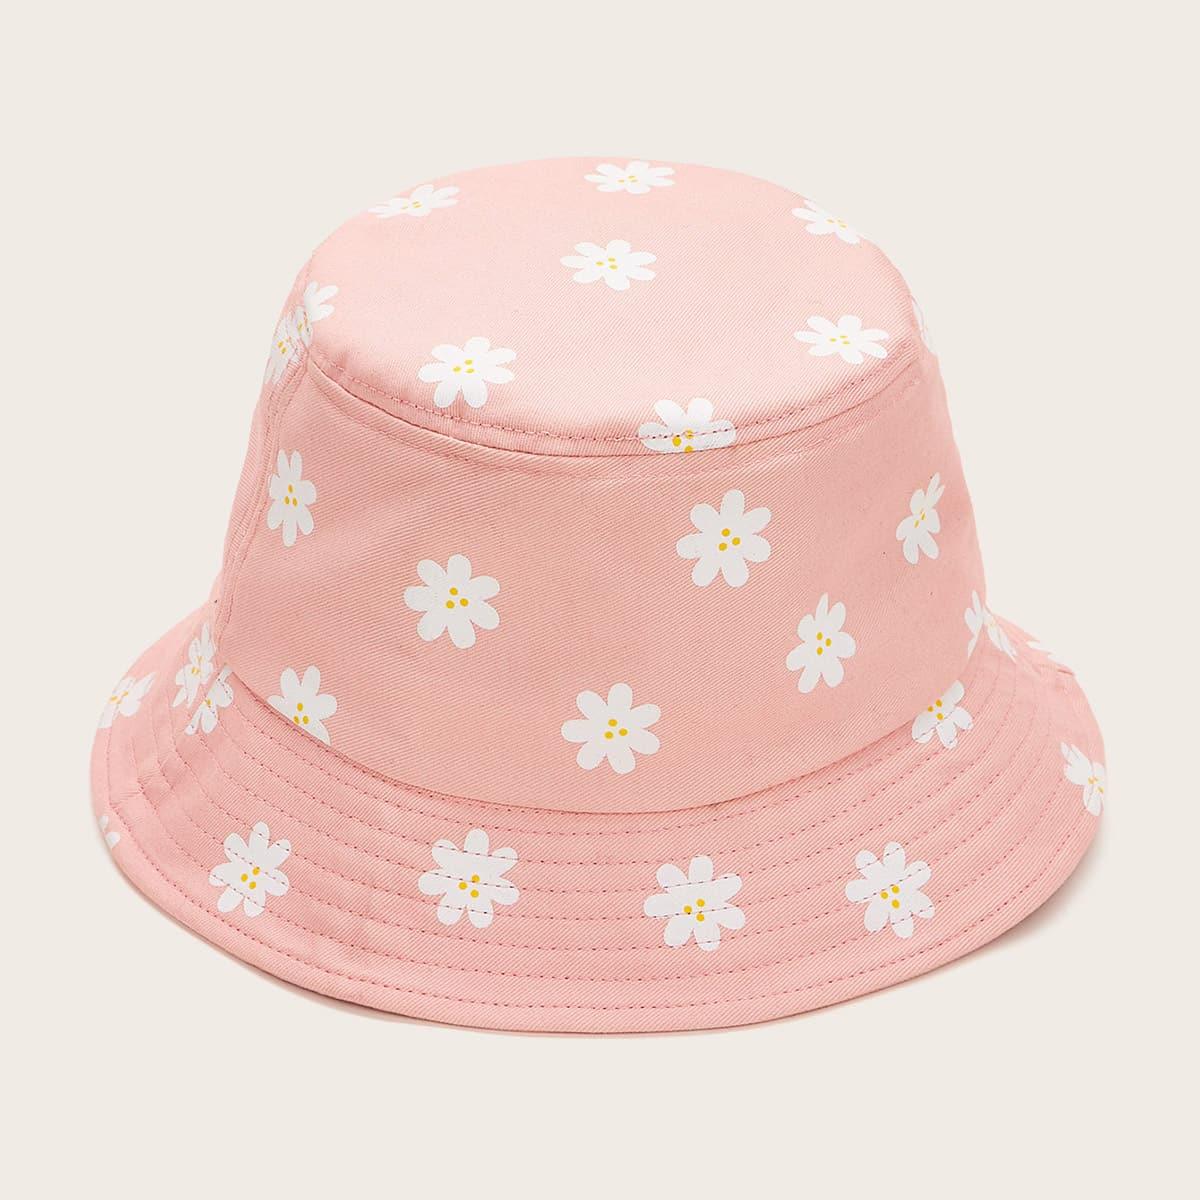 Ведро шляпа с цветочной вышивкой